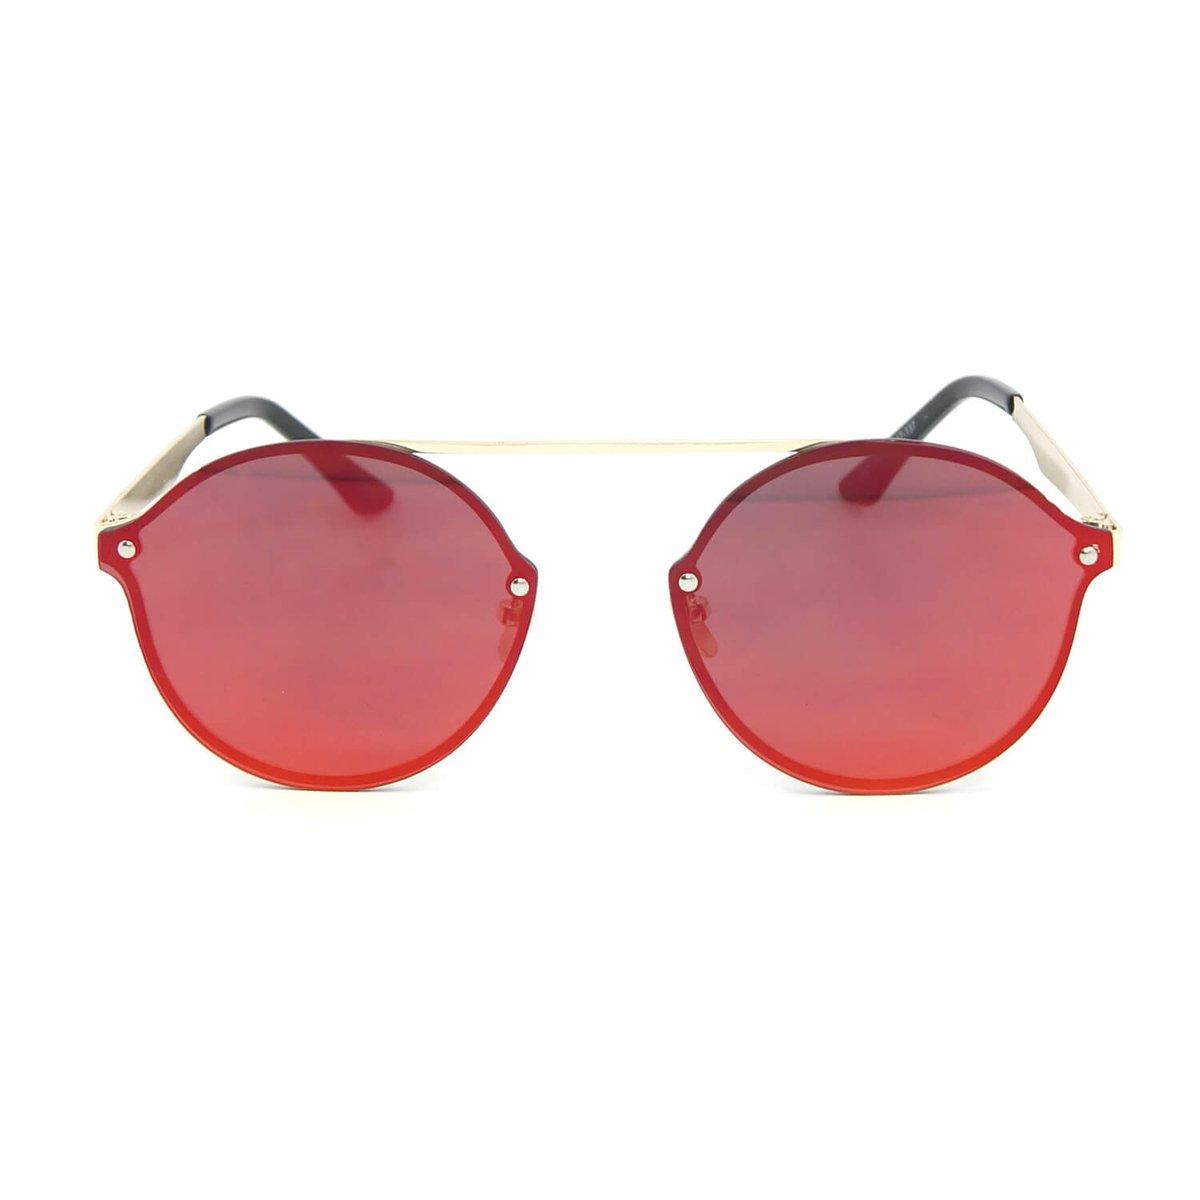 Óculos de Sol Estilo Flat com Lente Espelhada - Compre Agora   Zattini 006254d666